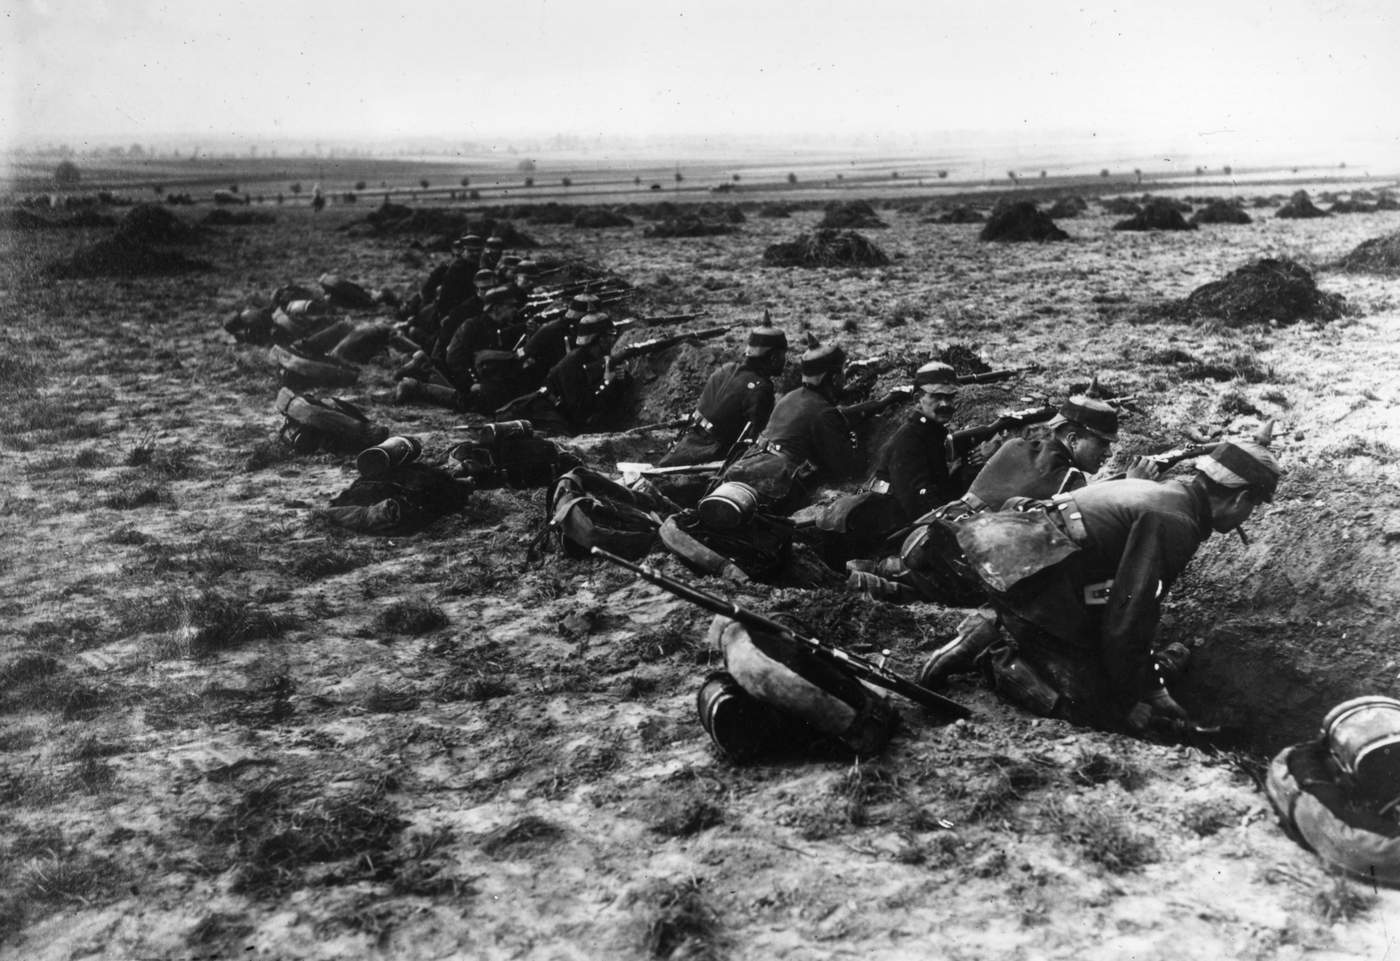 Doğu Cephesi'nde Ruslara karşı savaşan Alman askerleri